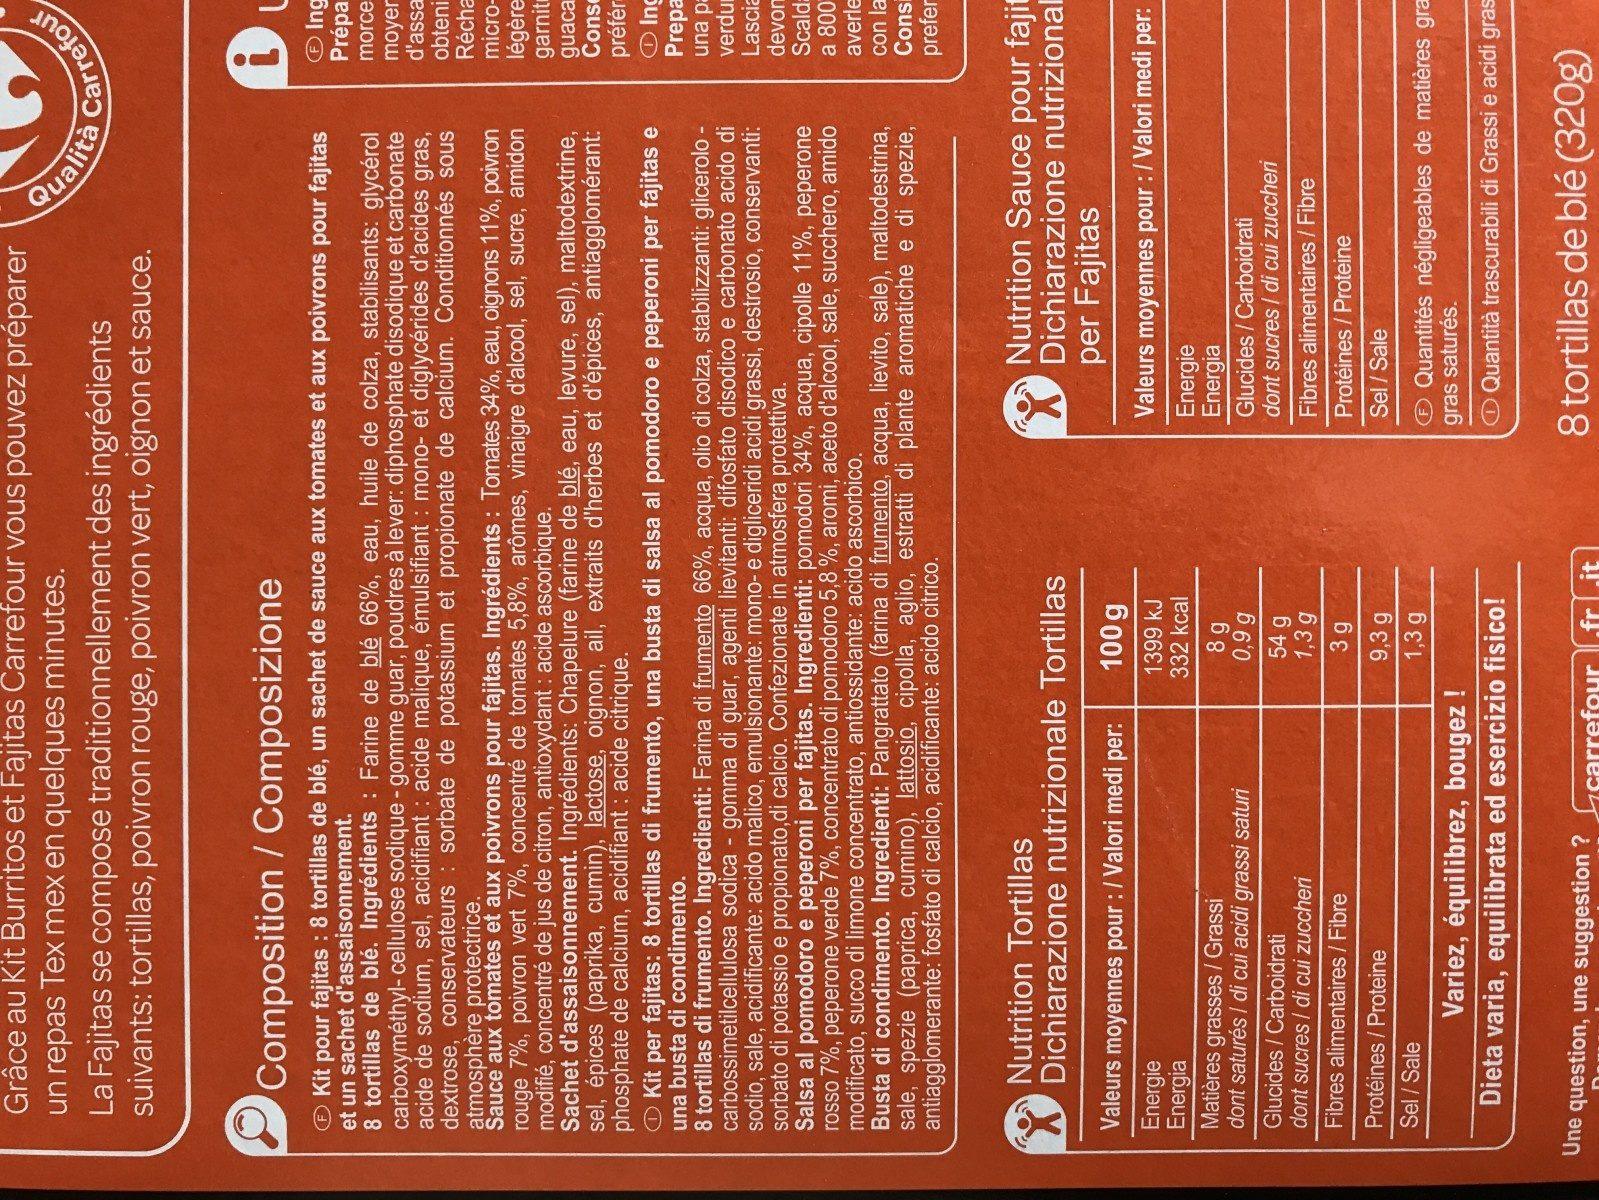 Kit fajitas - Ingredients